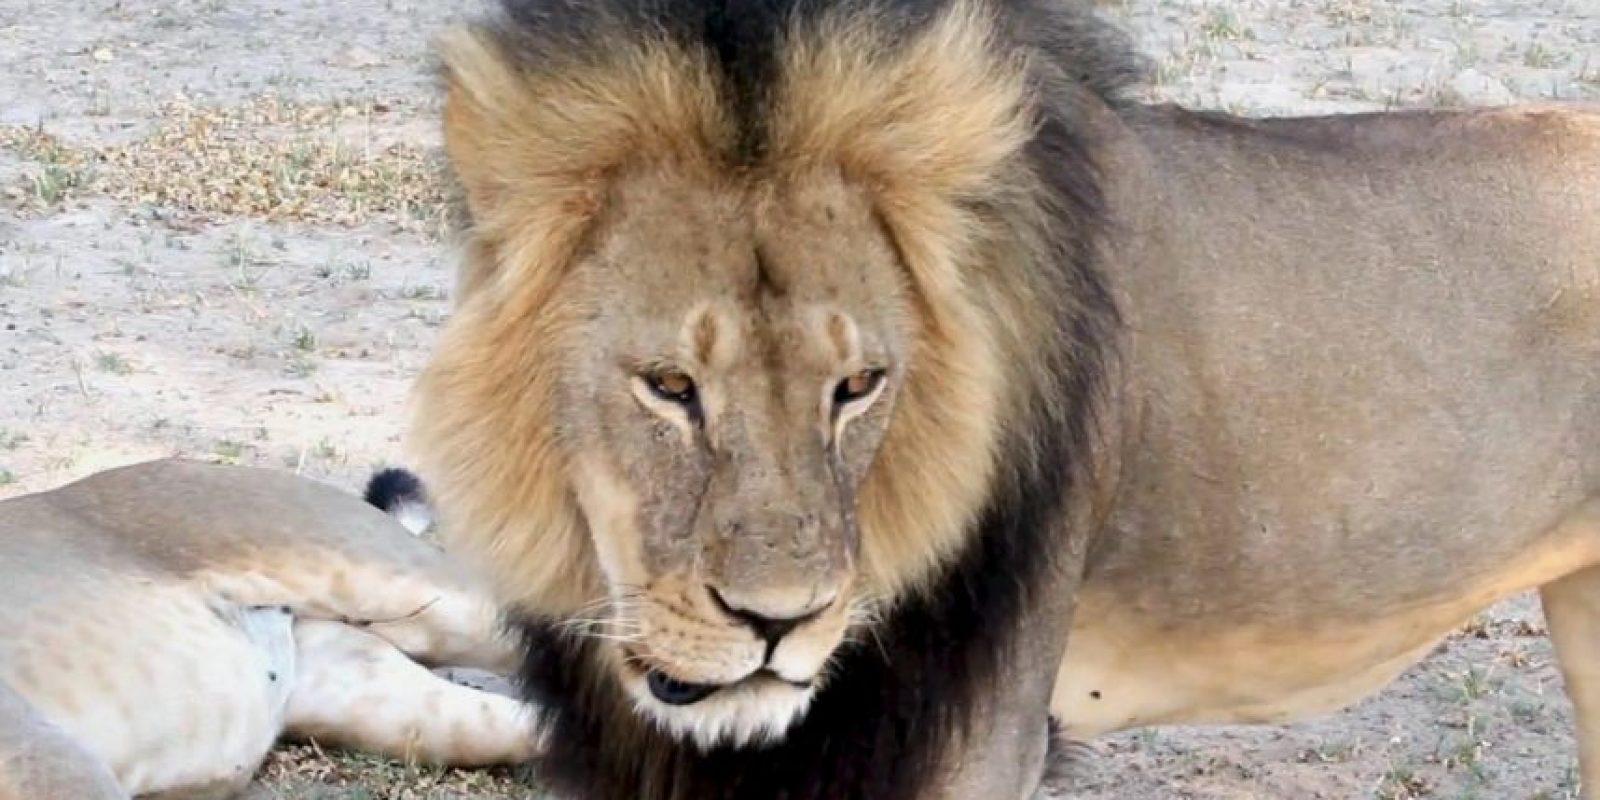 Cecil era uno de los leones más famosos de África y estaba protegido en la reserva de Hwange, en Zimbawe. Foto:AP